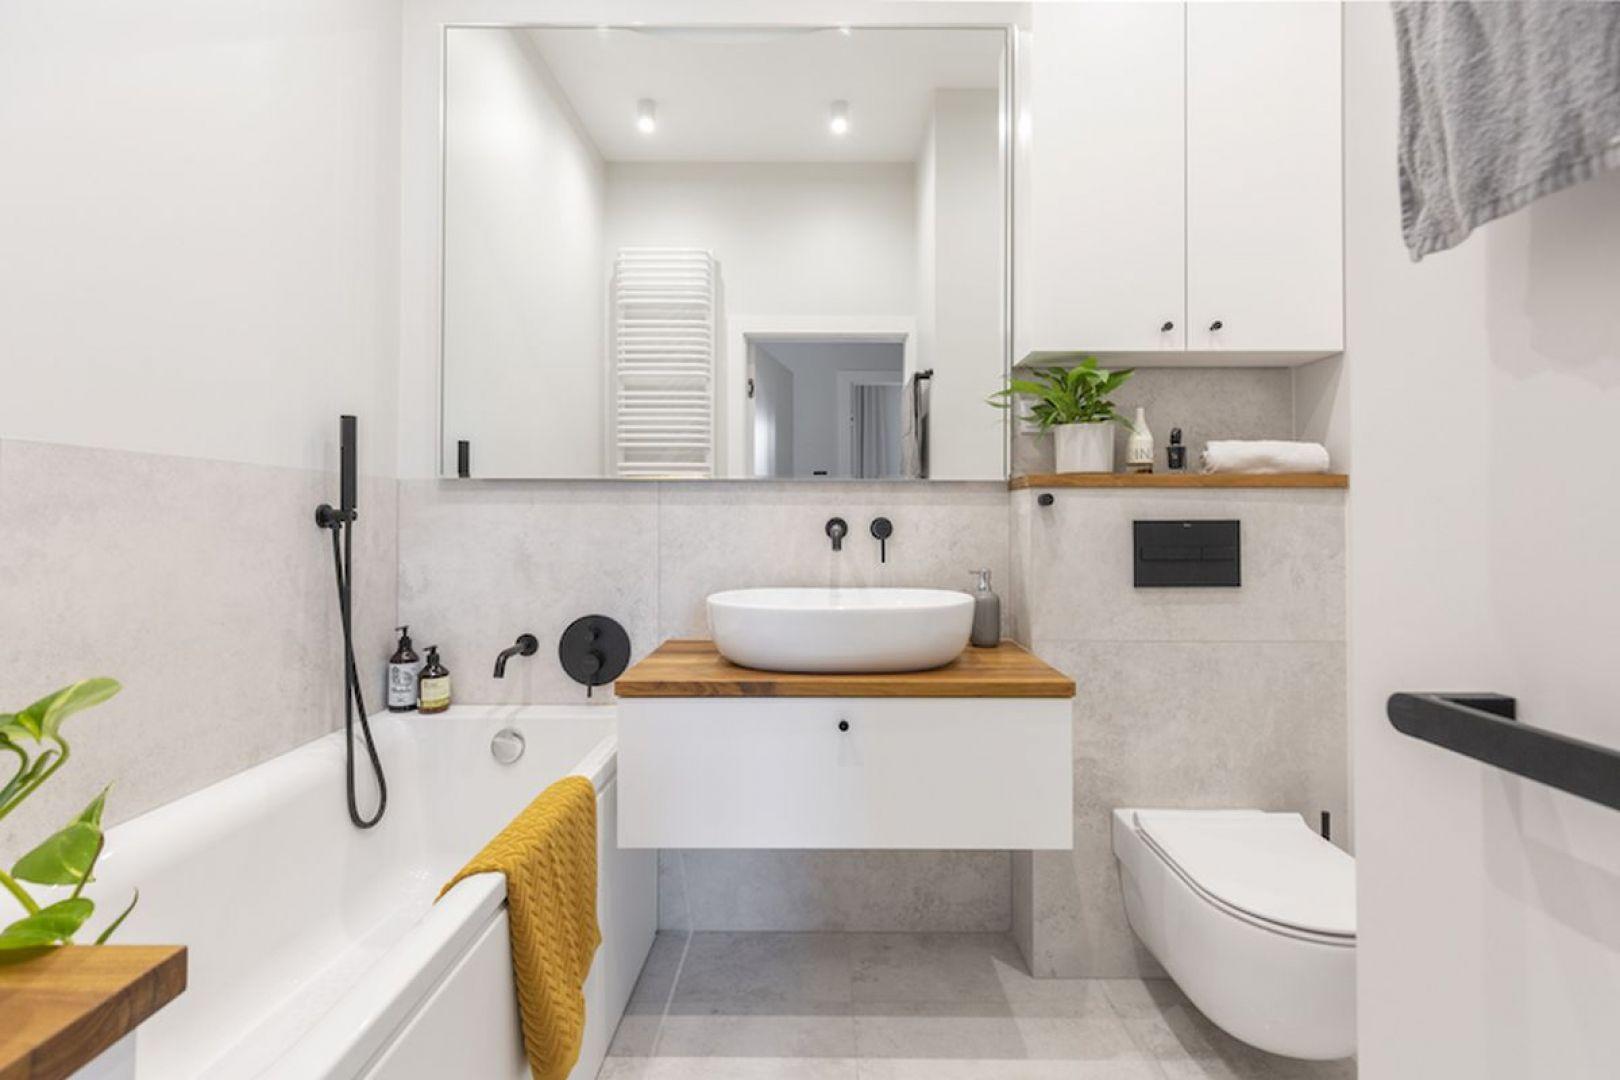 Pięknie i funkcjonalnie zaprojektowana łazienka będzie nam służyć całe lata. Projekt i zdjęcia: Renata Blaźniak-Kuczyńska, Renee's Interior Design